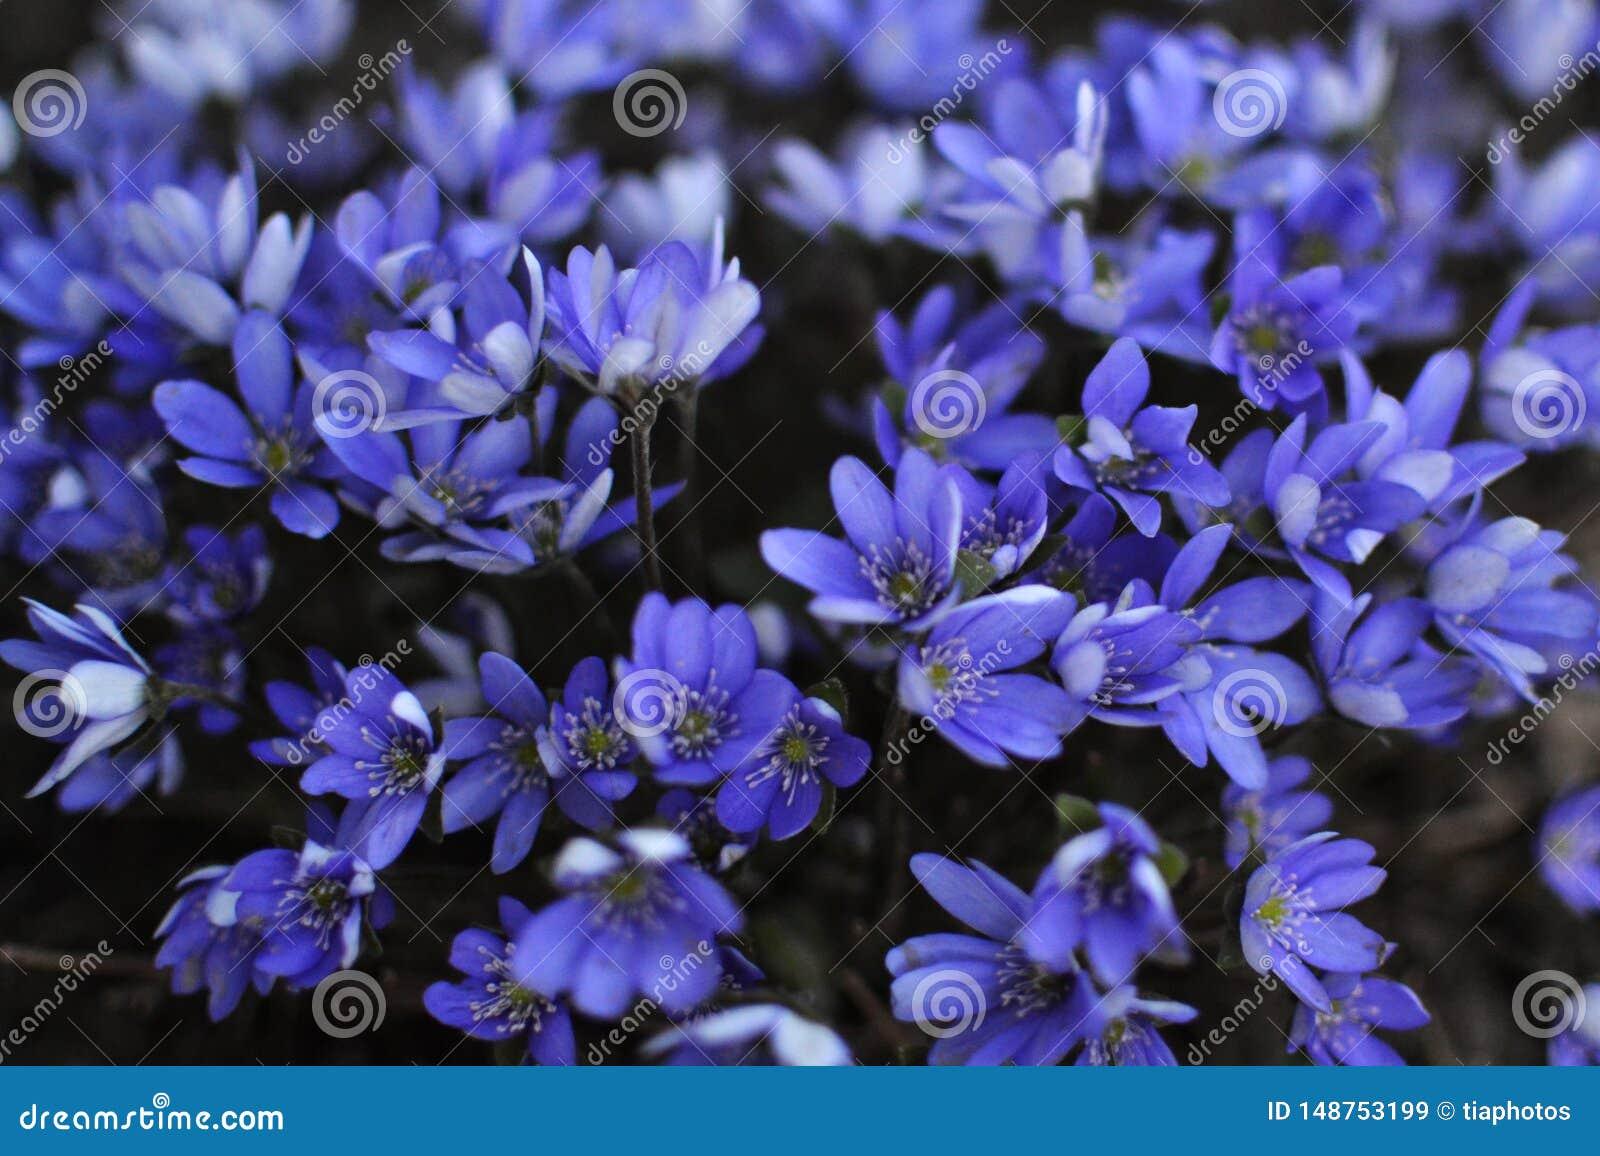 Hepatica van de bloemenanemoon